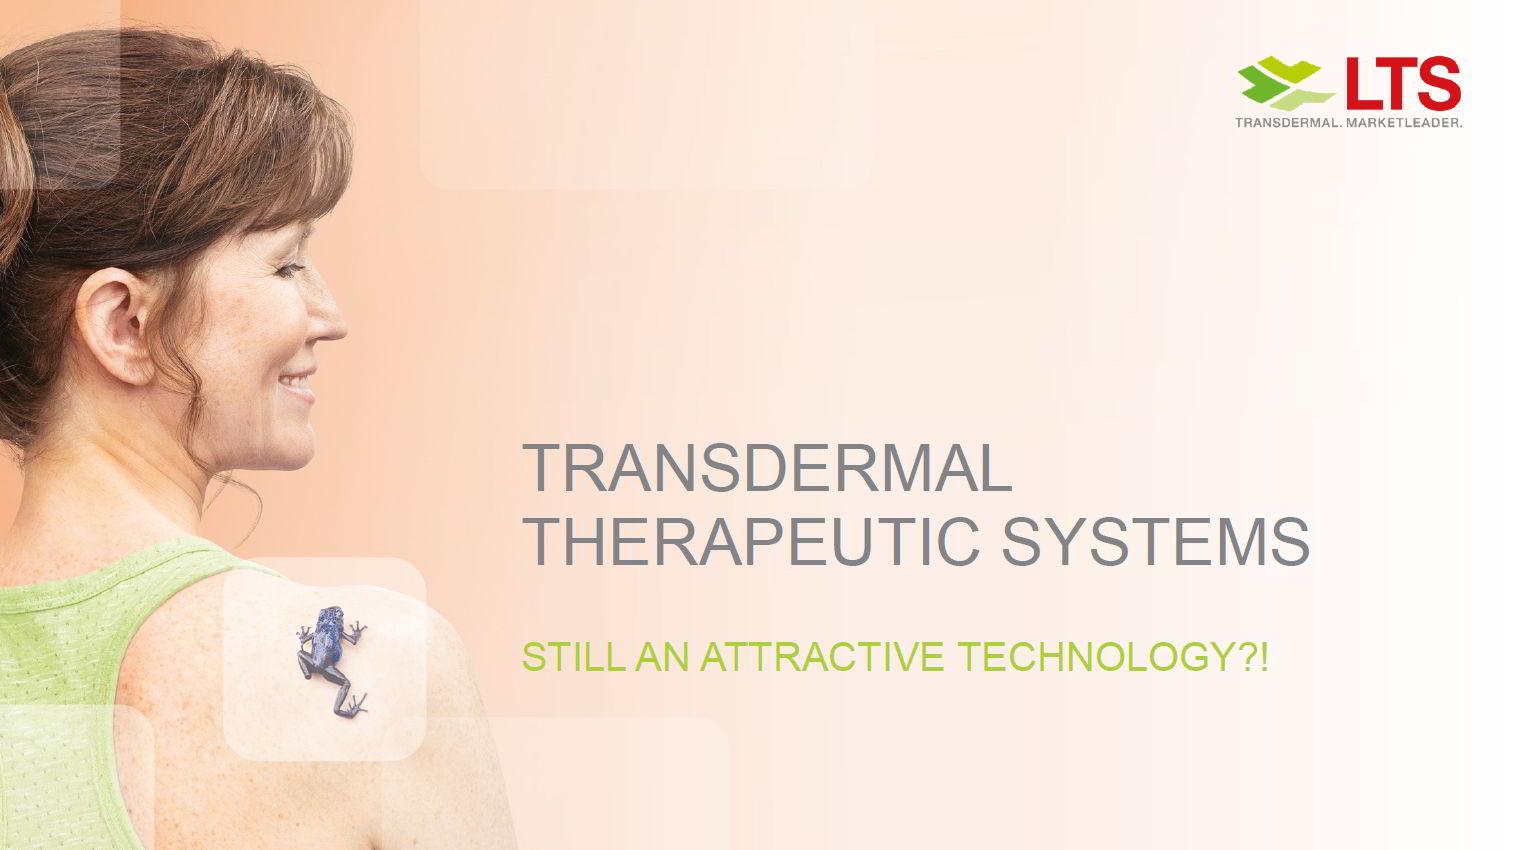 LTS Webcast: Transdermal Therapeutische Systeme – immer noch eine attraktive Technologie?